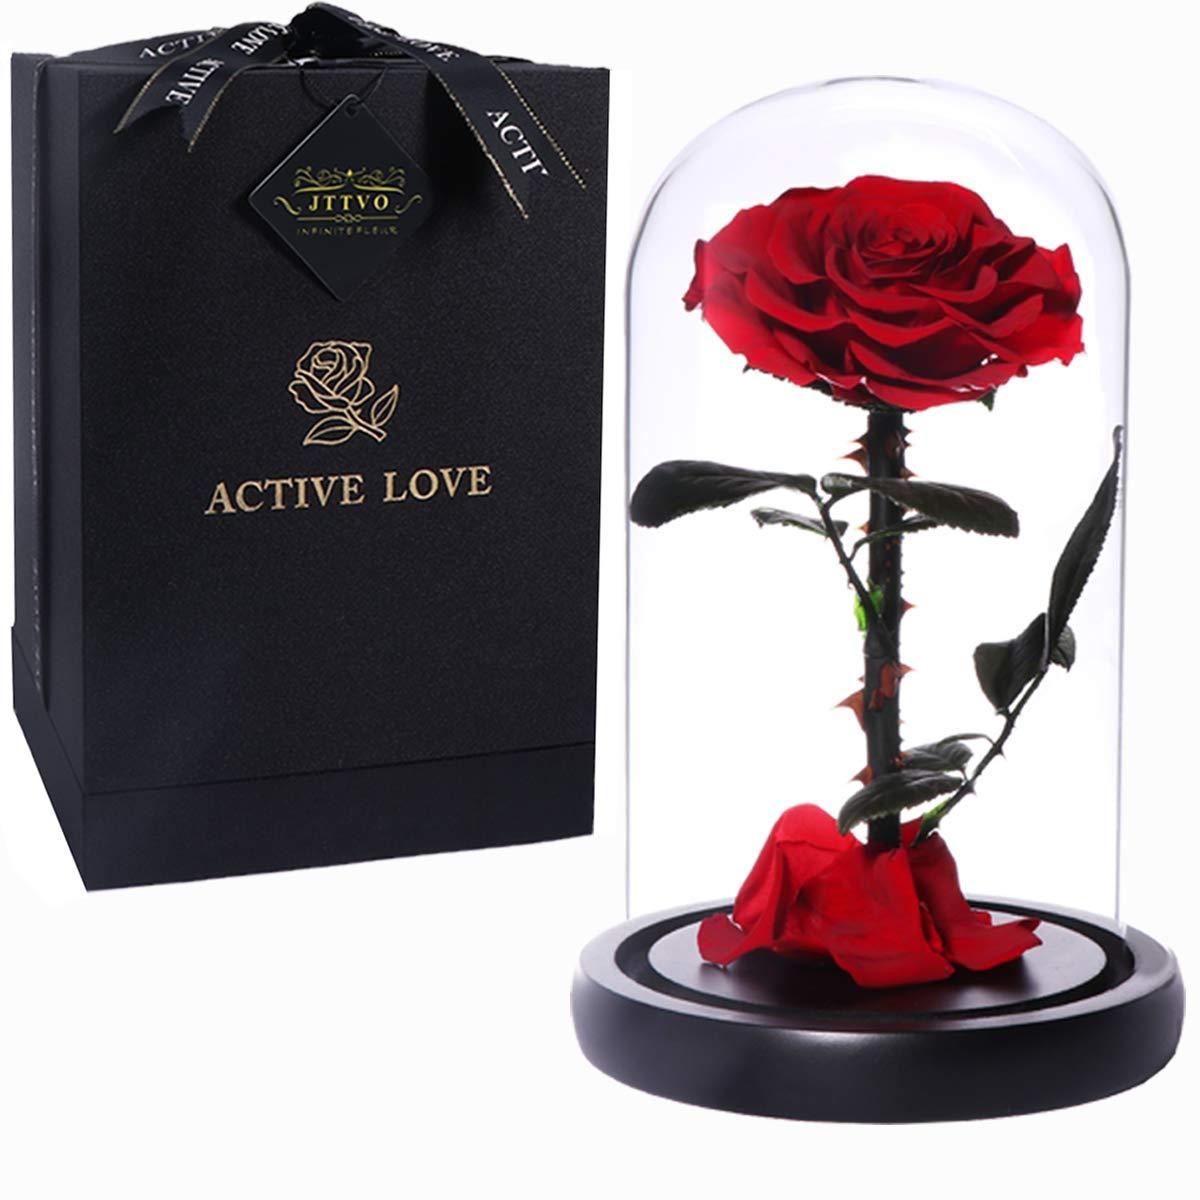 sieJTTVO Die Schöne und das Biest Rosen im Glas konservierte echte Rosen besondere Geschenke für Frauen Jahrestag Geschenk für sie Muttertag(Red) Bild